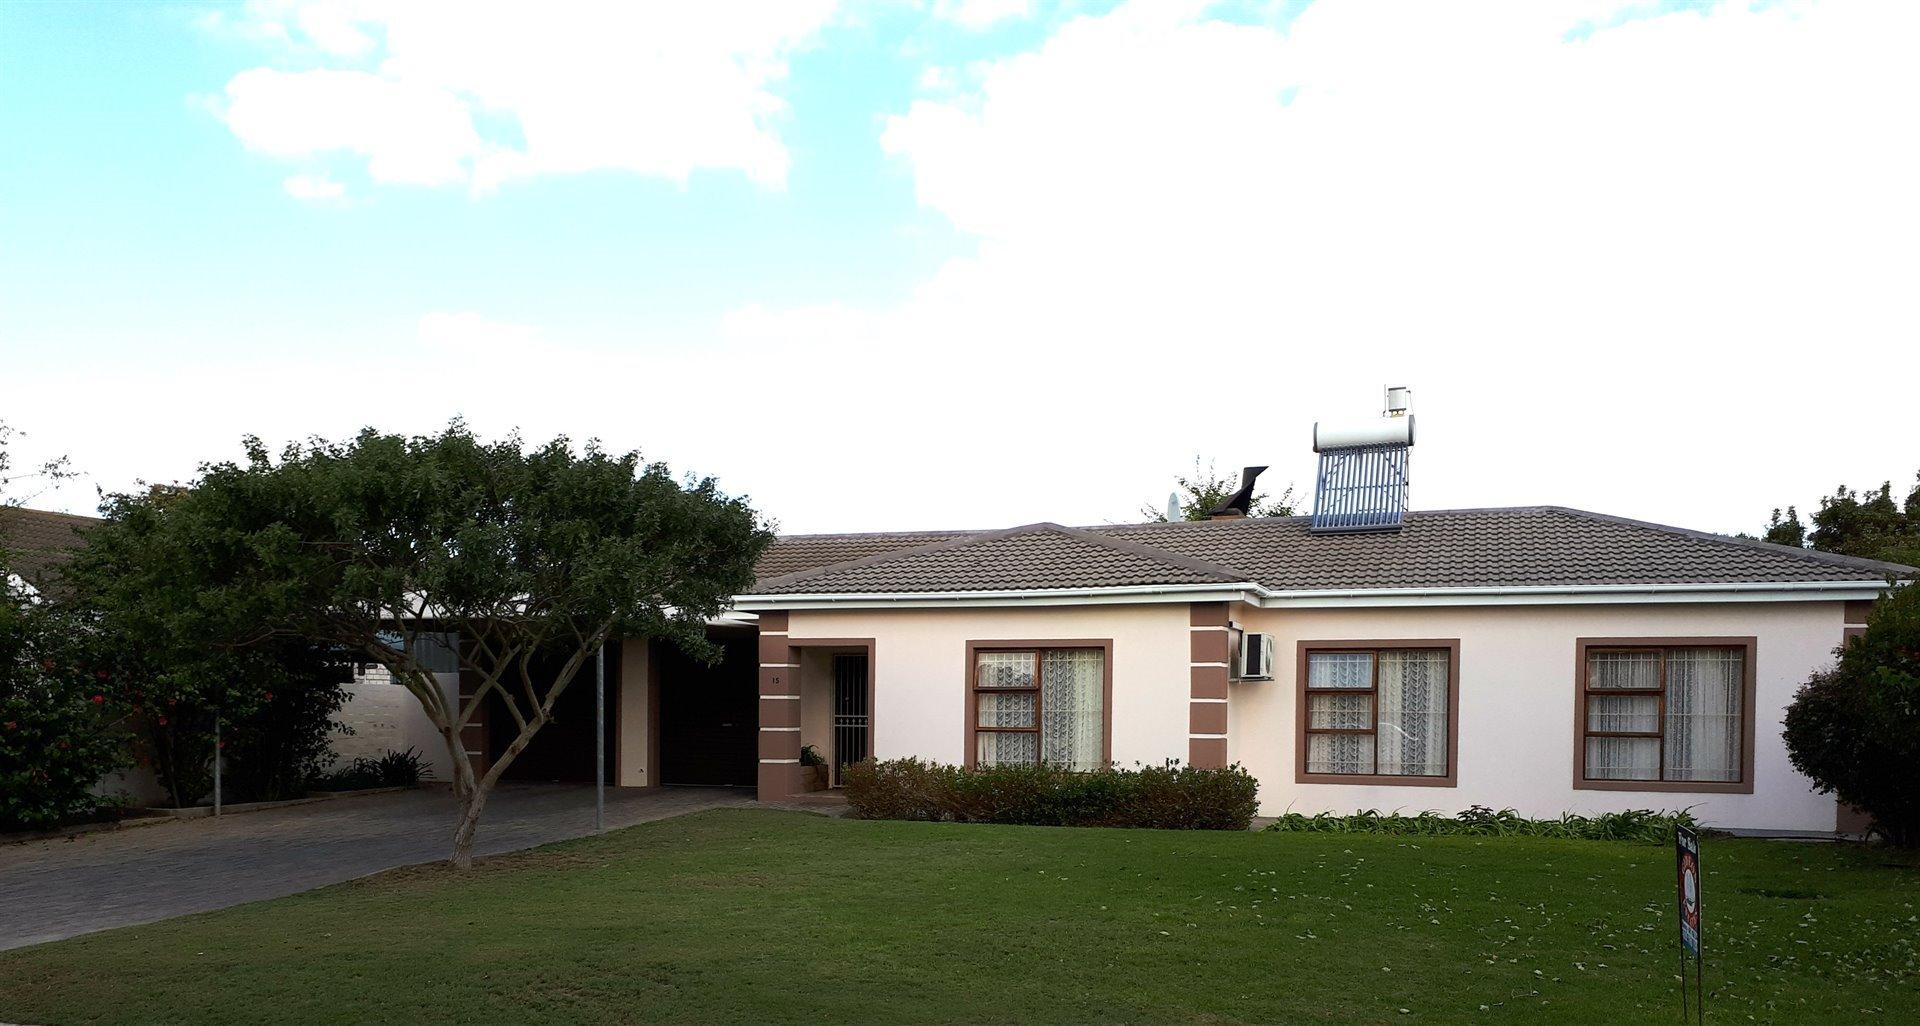 Velddrif, Velddrif Property  | Houses For Sale Velddrif, Velddrif, House 3 bedrooms property for sale Price:1,396,000